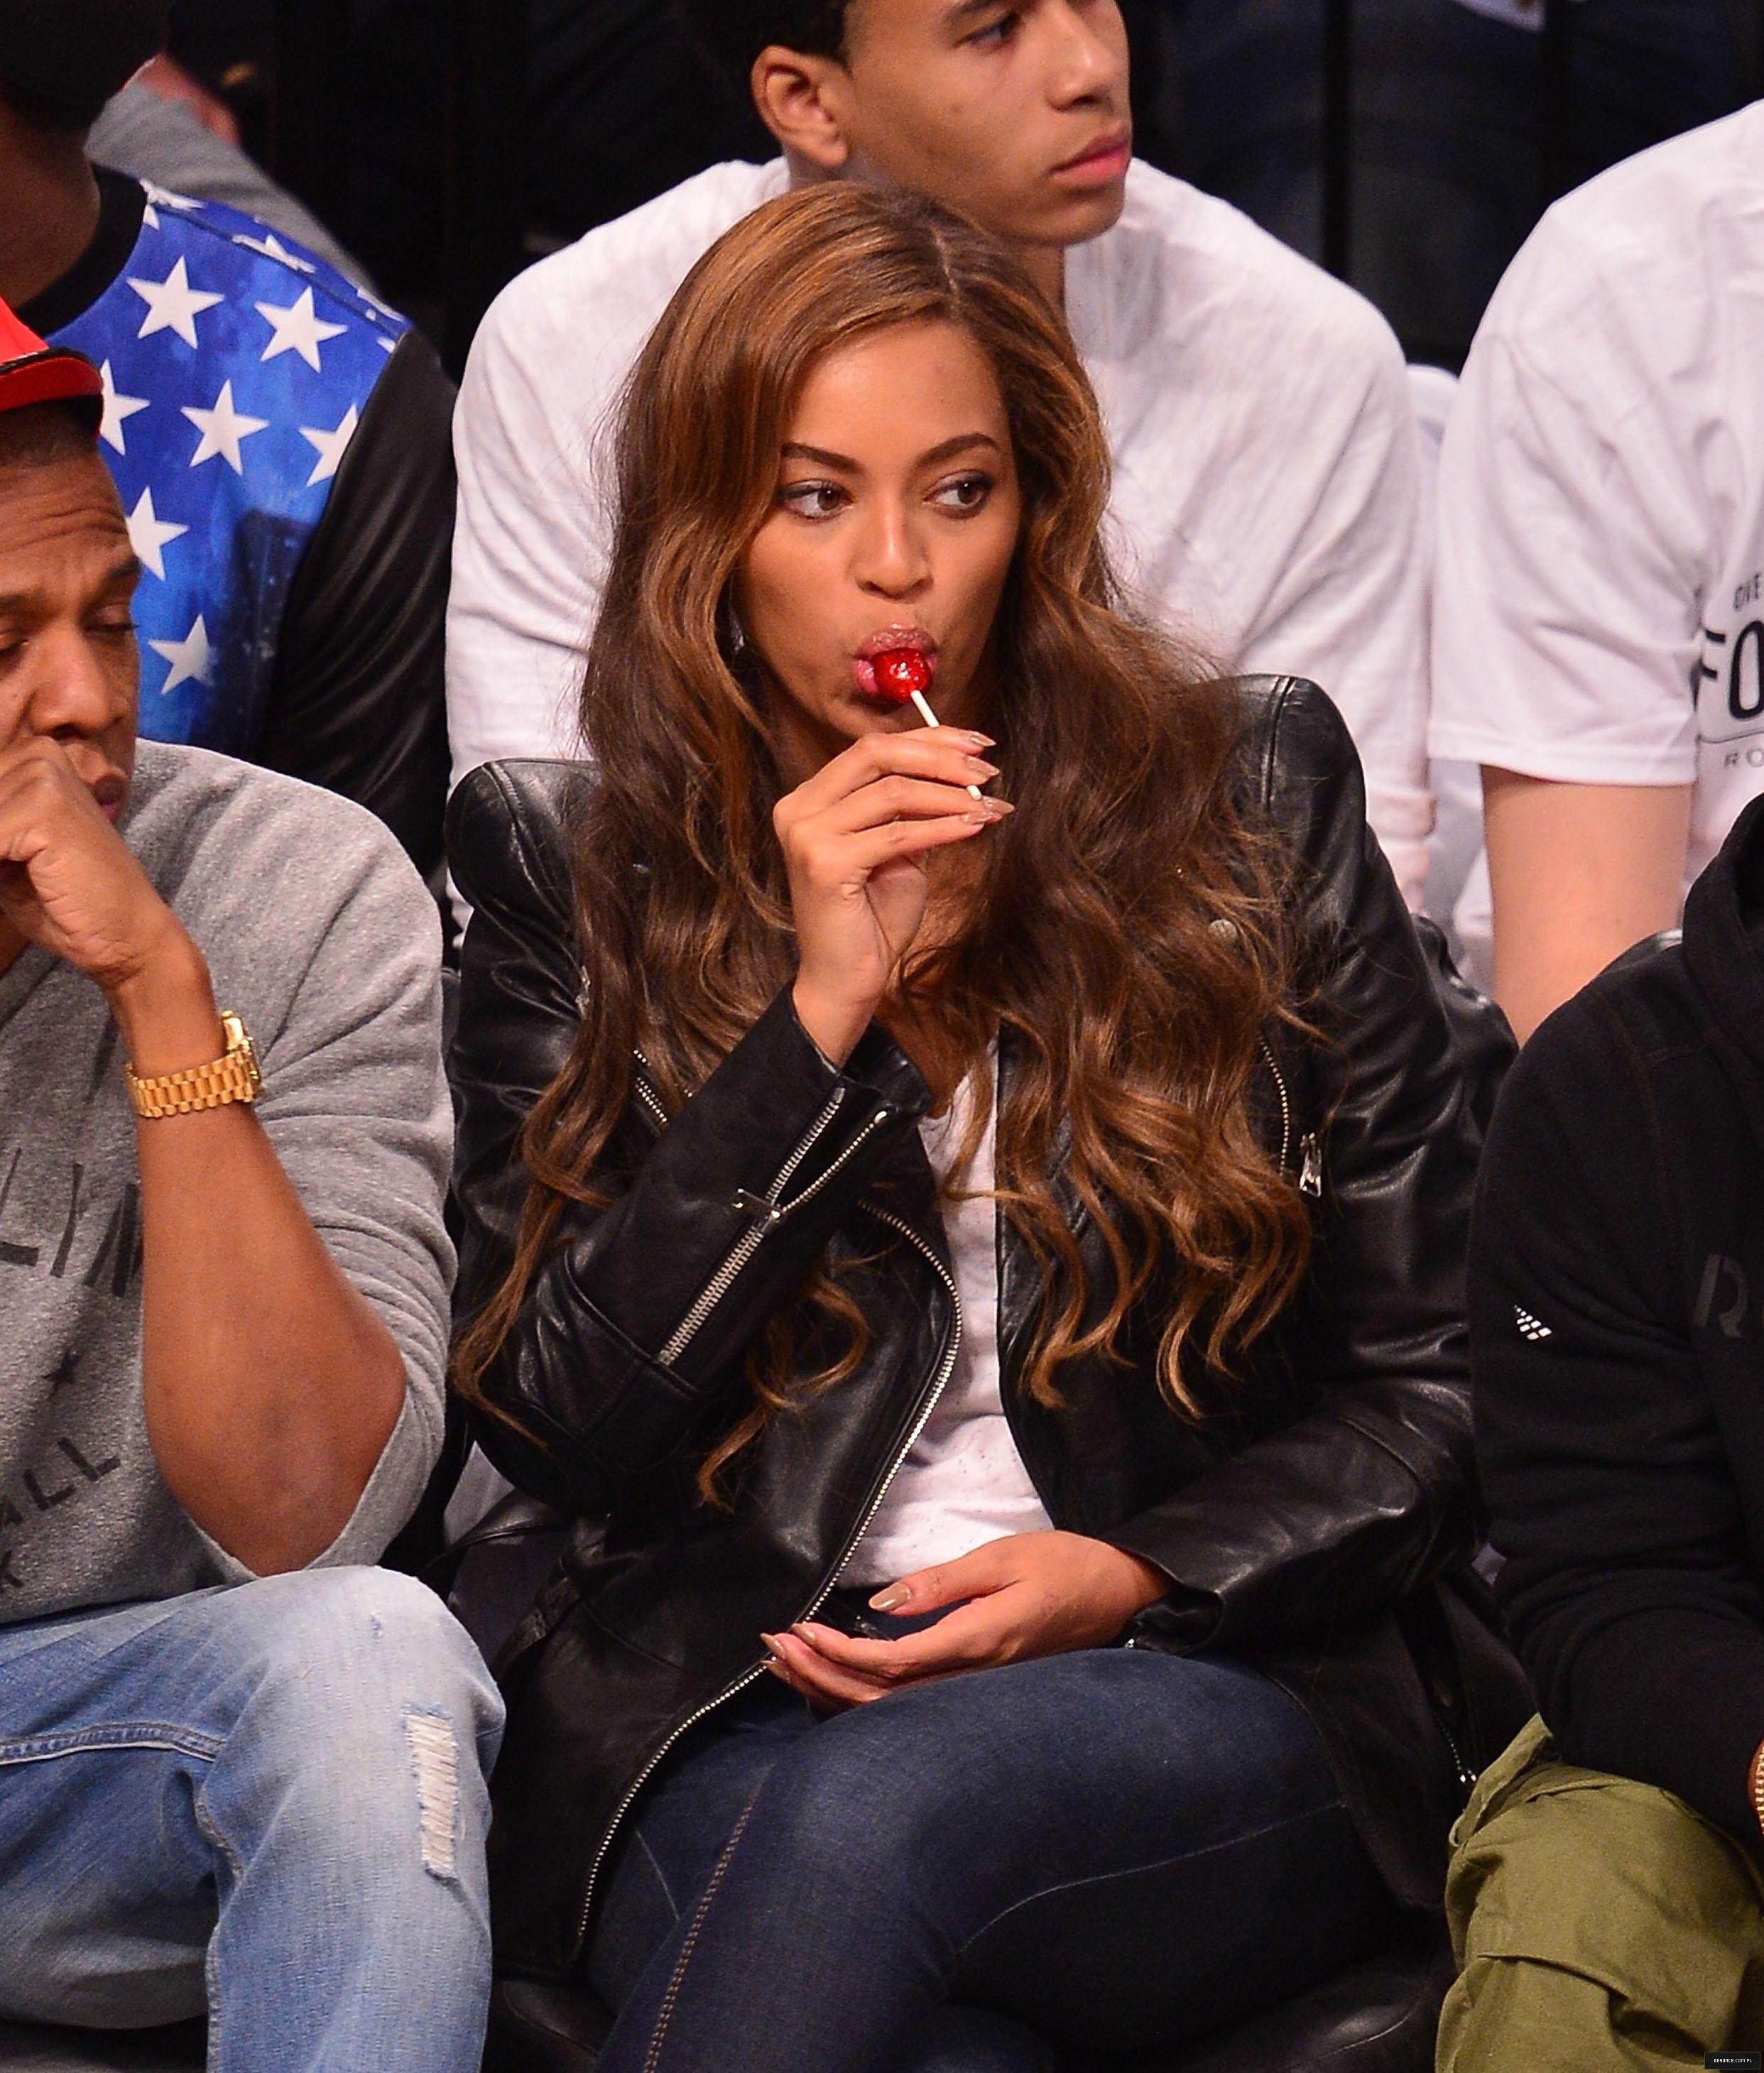 Beyoncé > Apariciones en público <Candids> [III] - Página 25 Toronto-brooklyn_game3_18